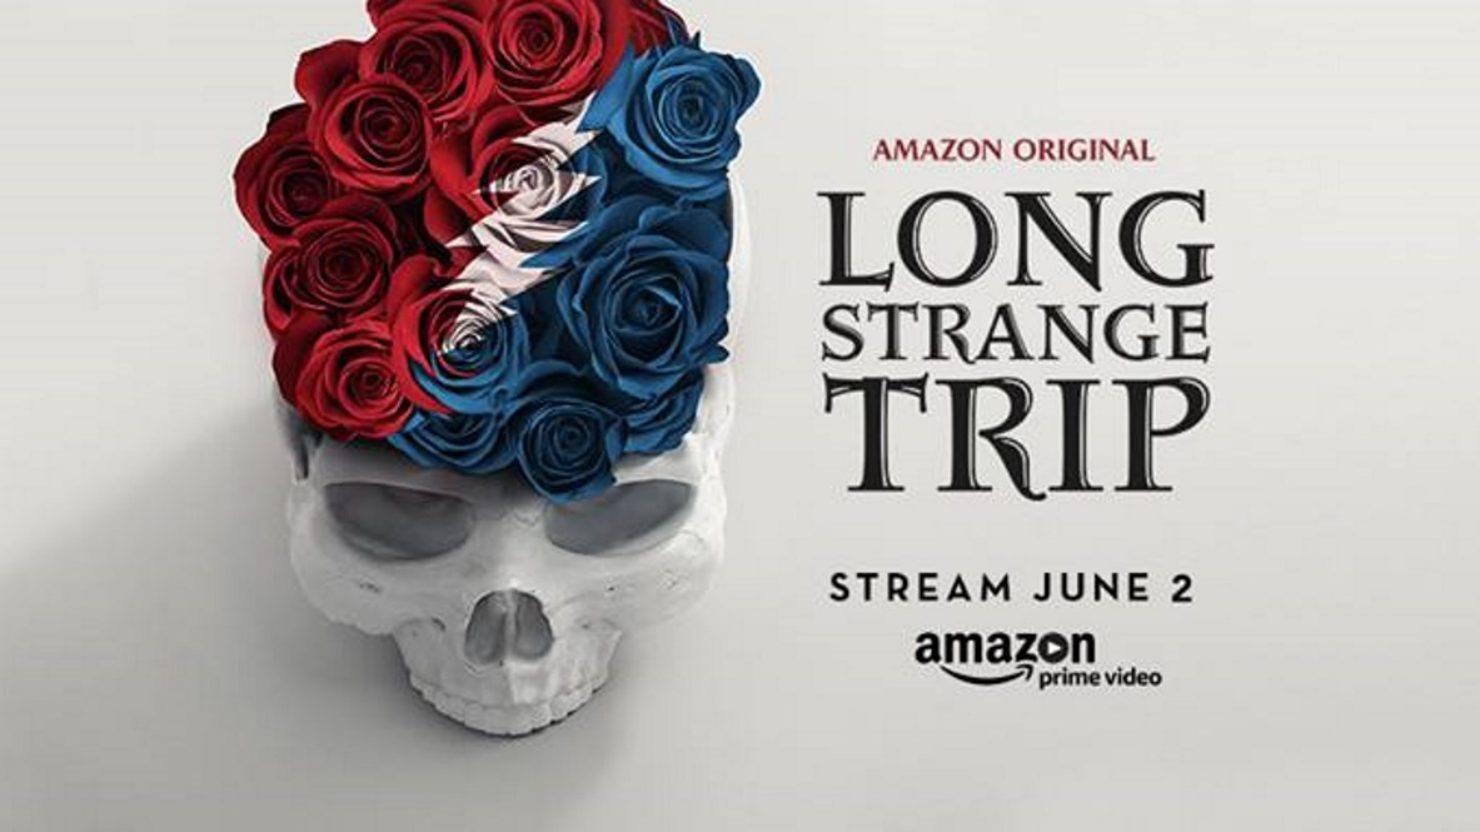 long-strange-trip-logo-1480x832